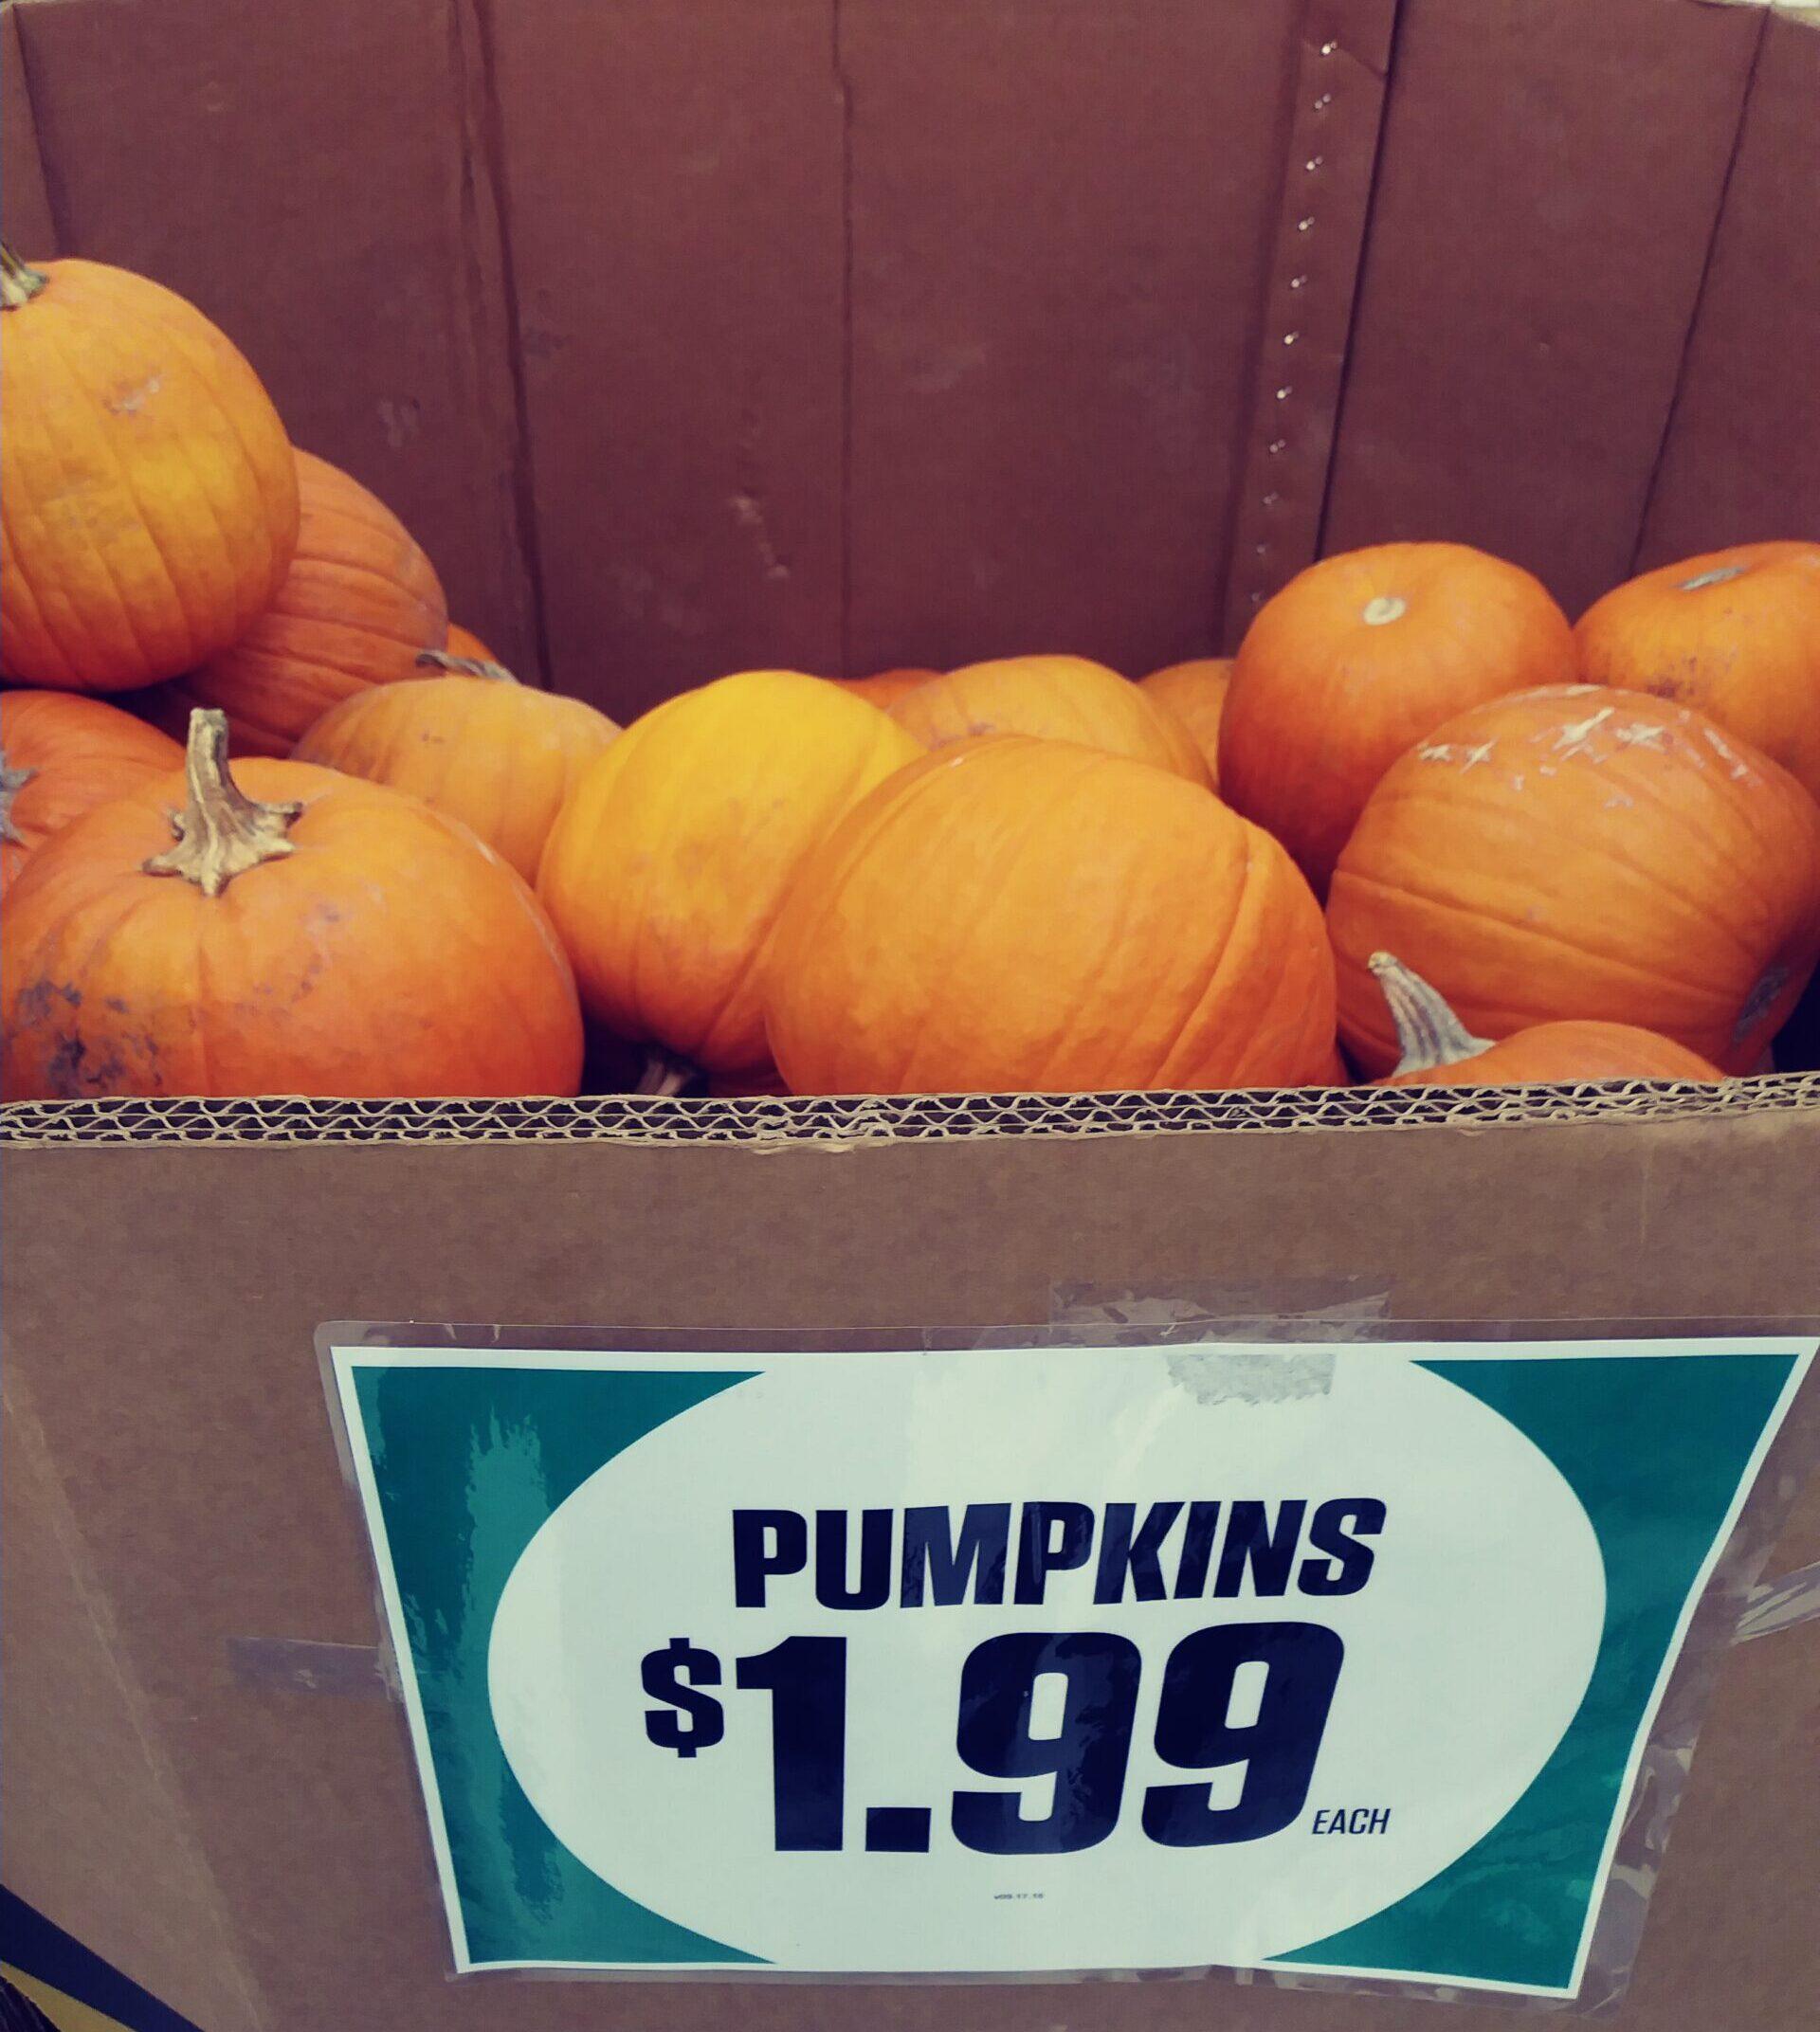 Pumpkins in a bin marked $1.99